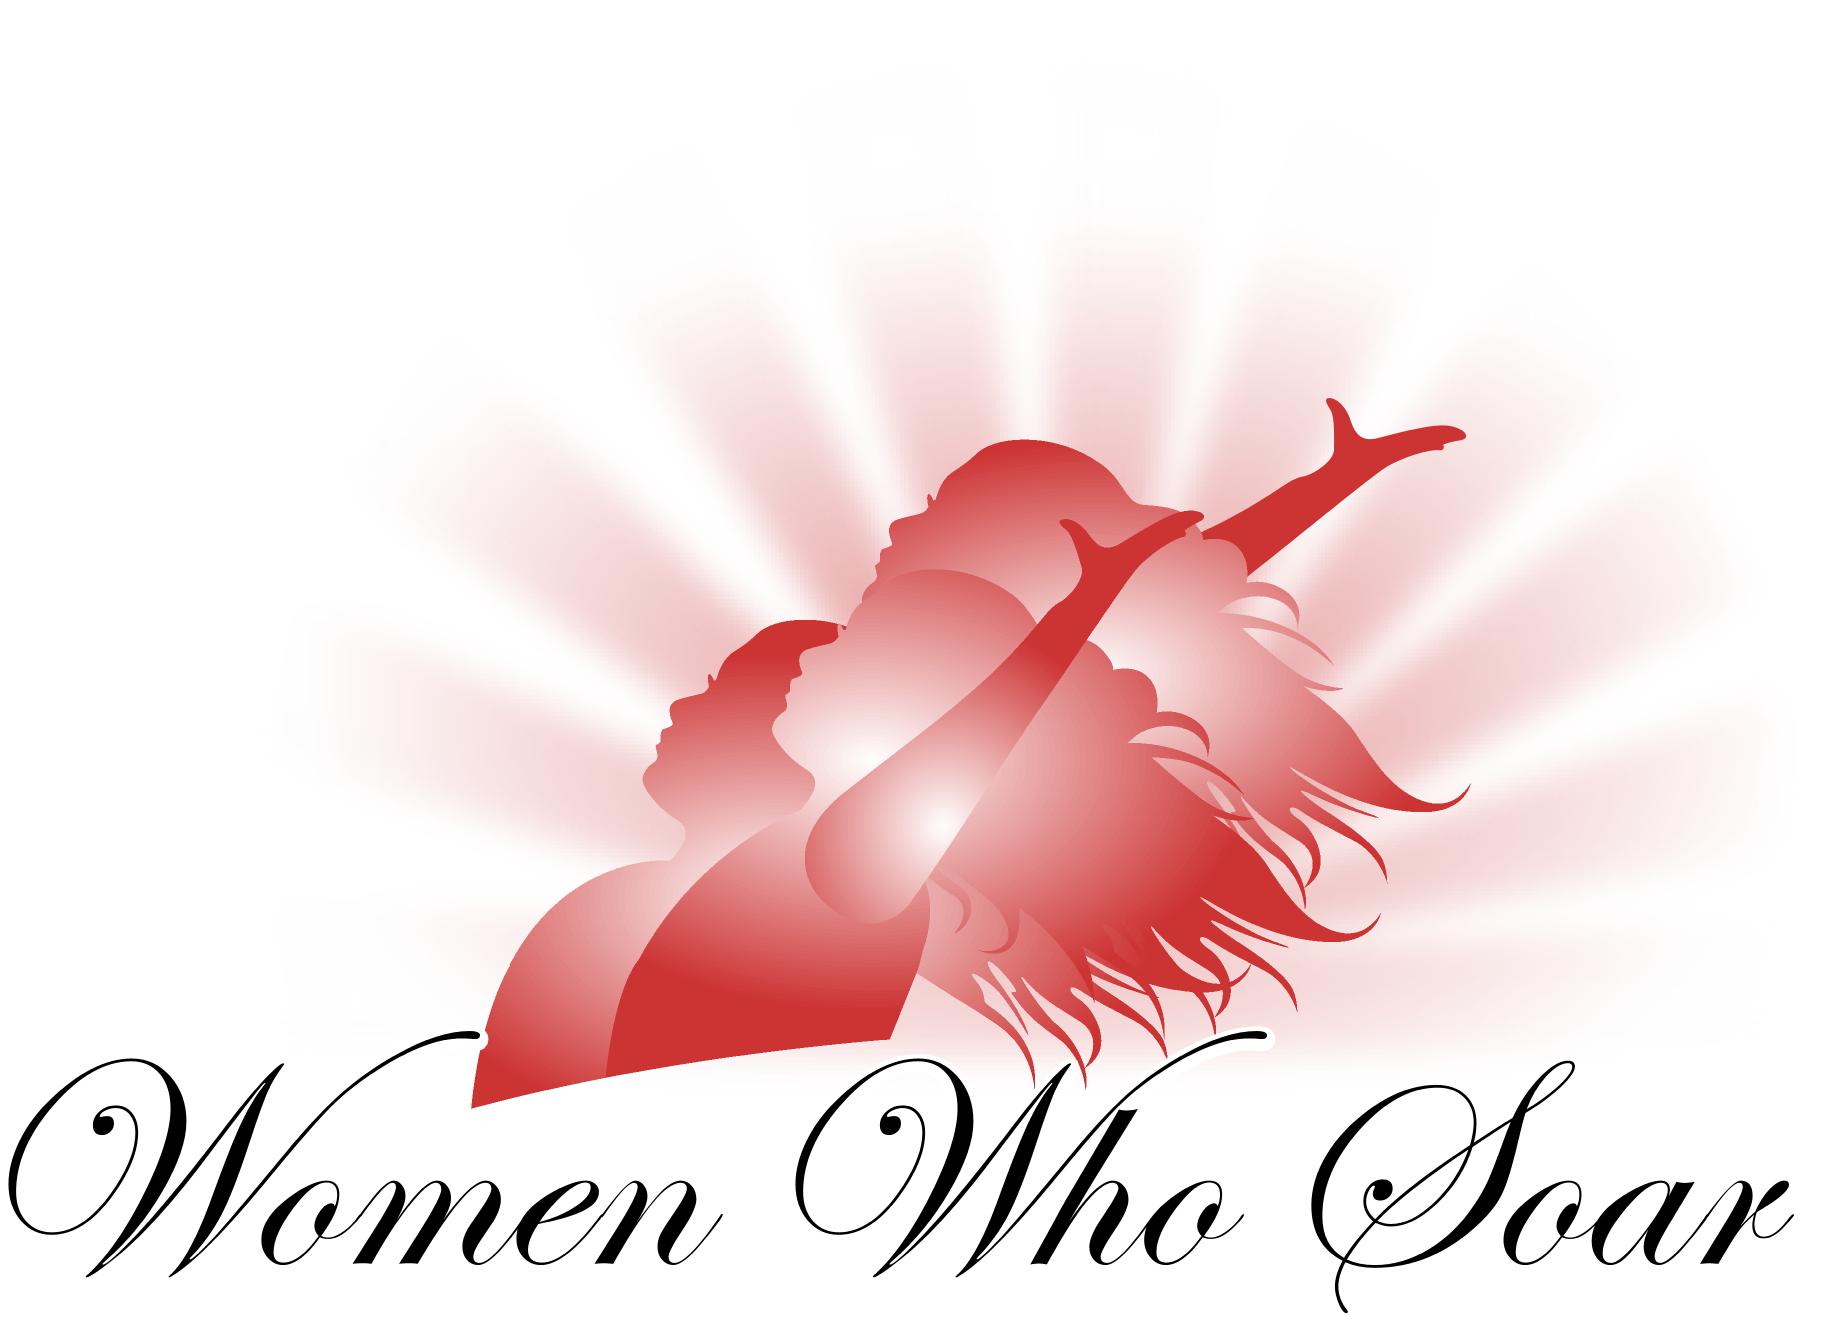 Women Who S.O.A.R.